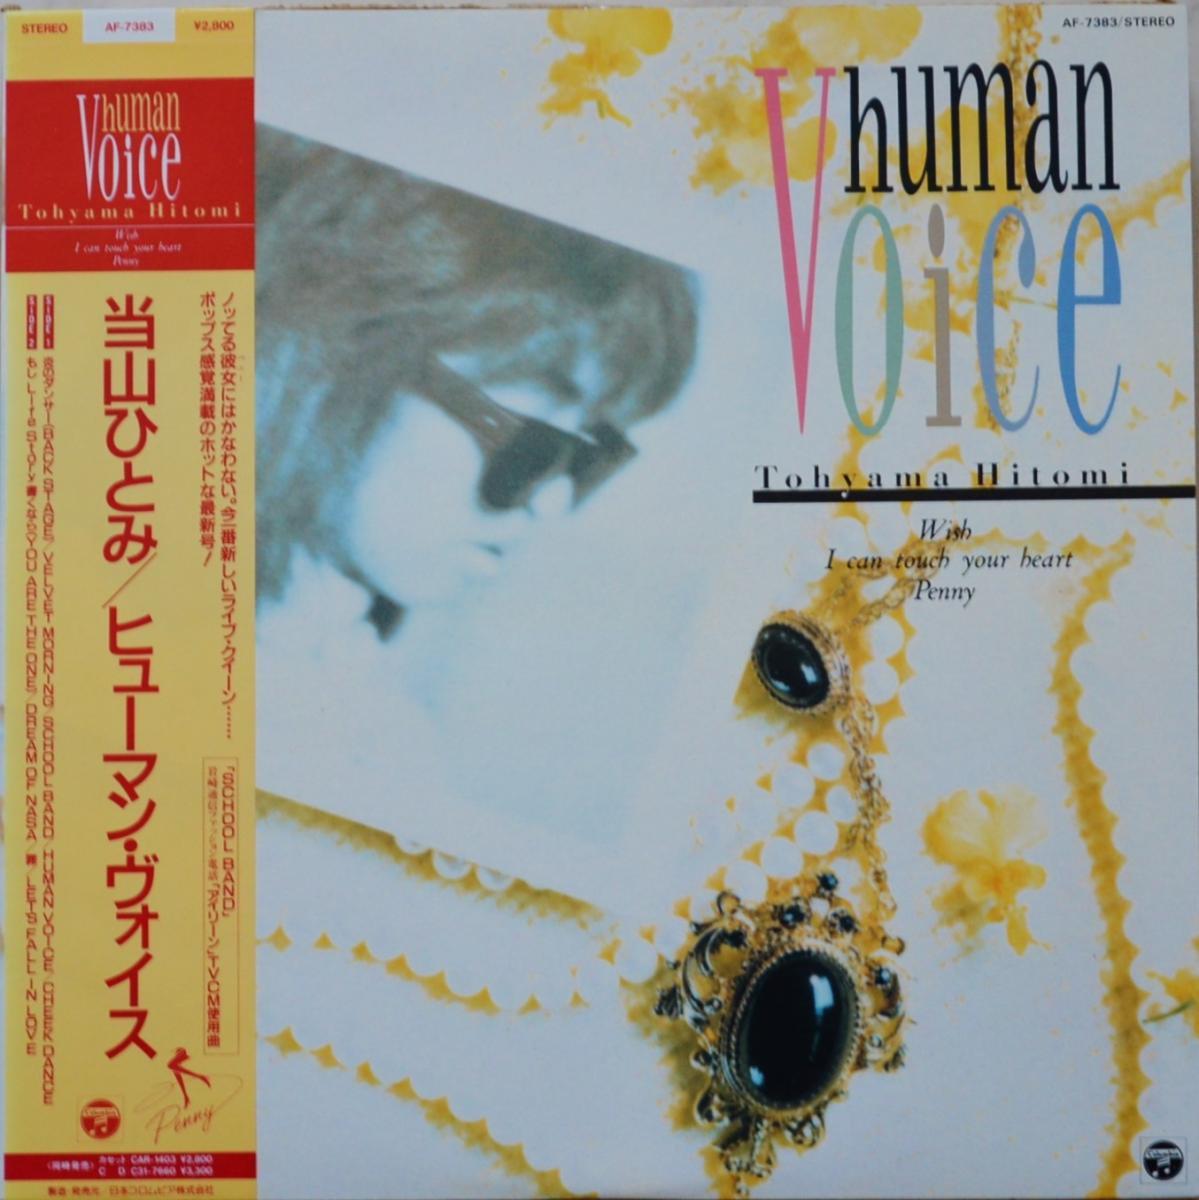 当山ひとみ HITOMI TOHYAMA (ペニー / PENNY) / ヒューマン・ヴォイス HUMAN VOICE (LP)